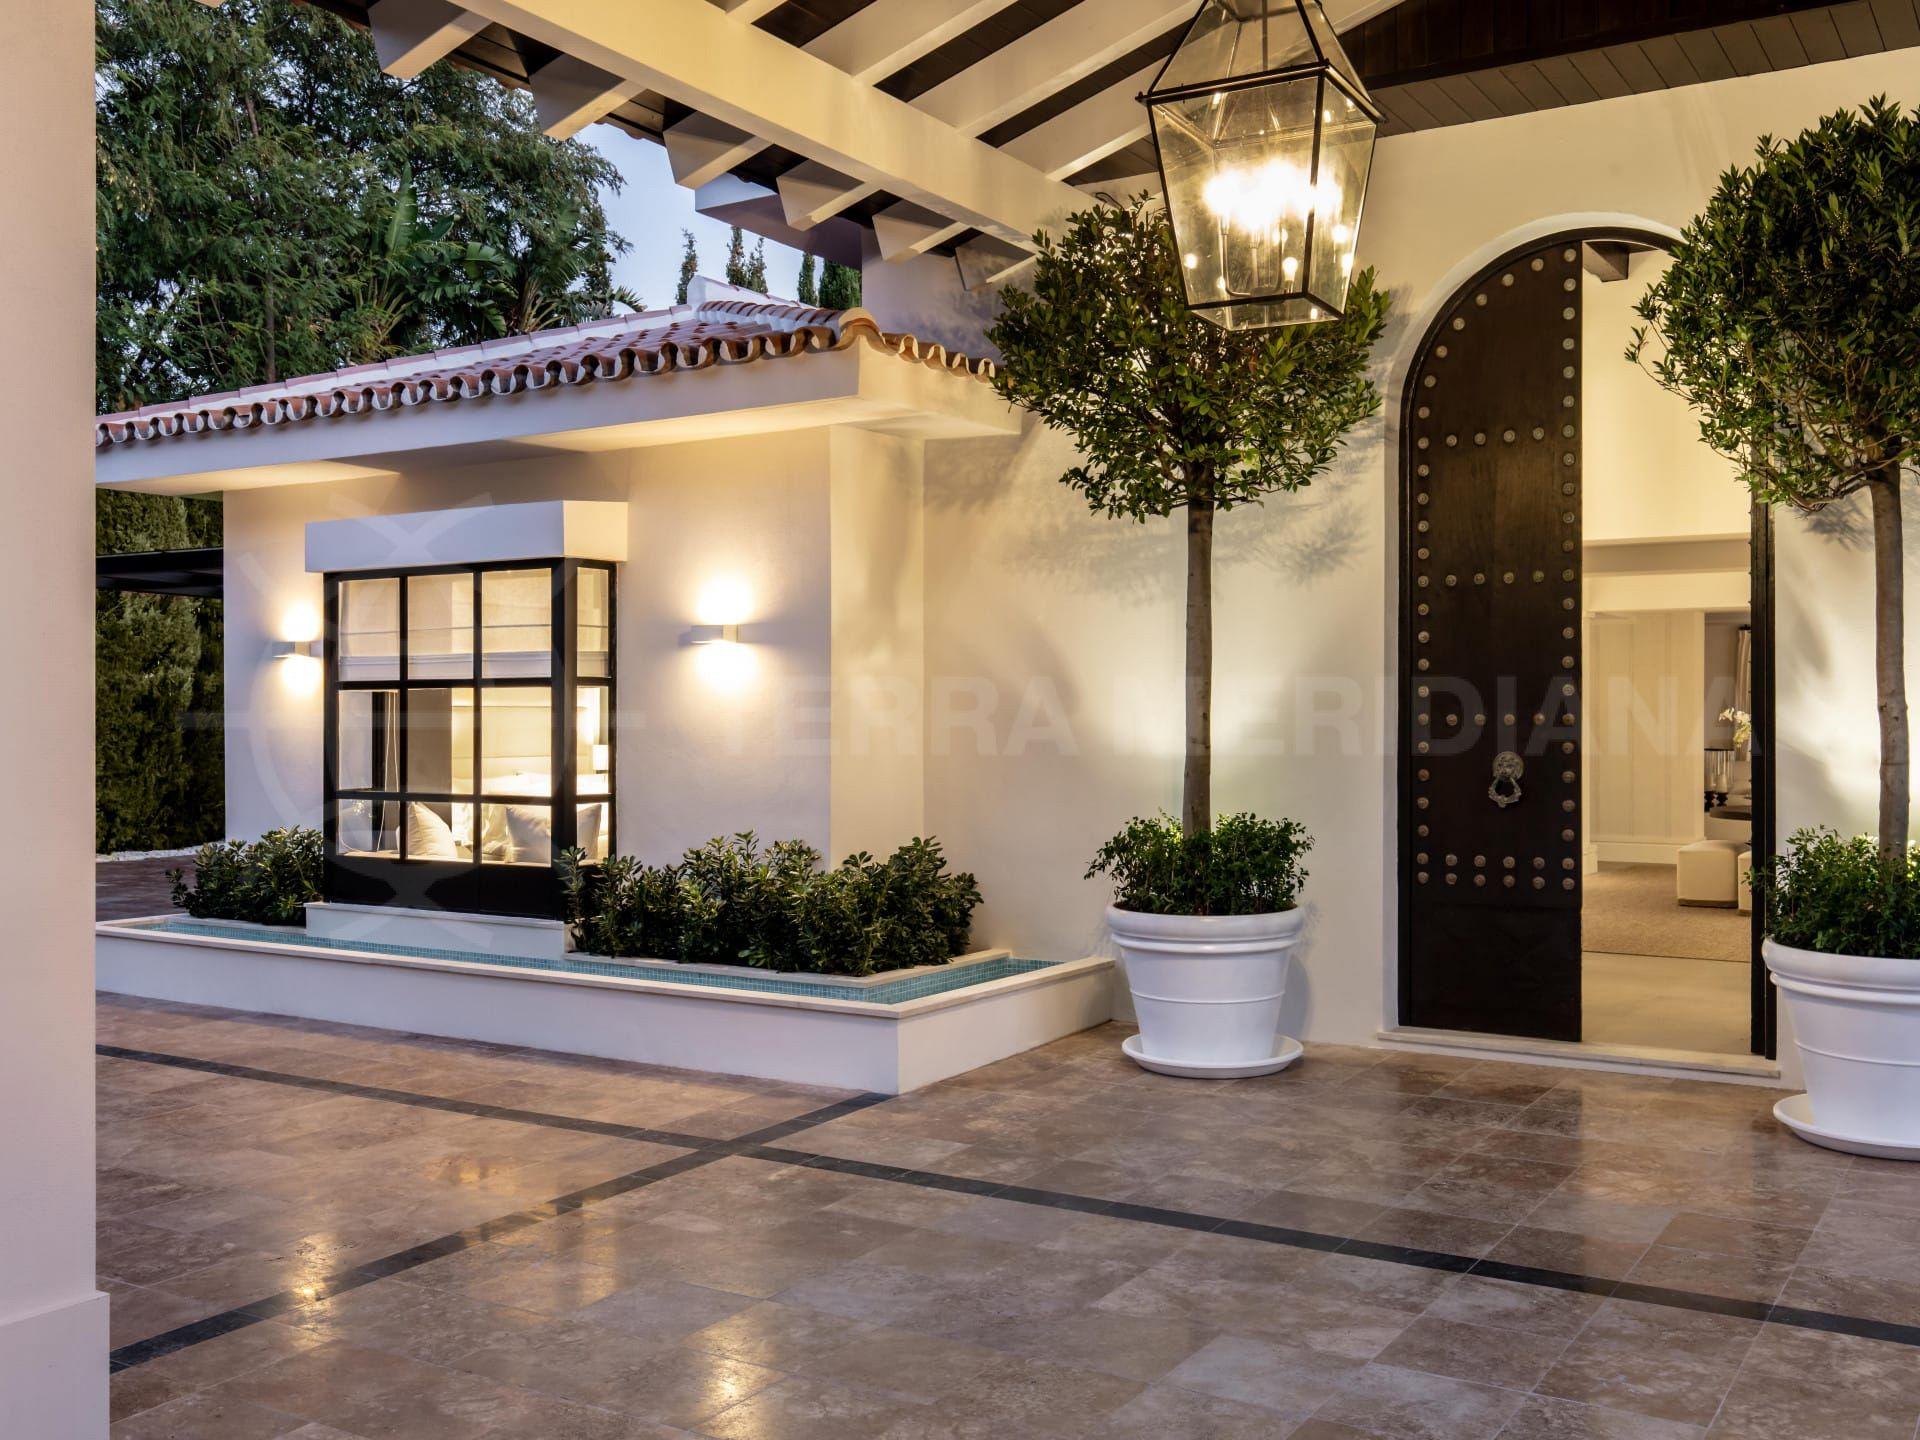 Nouvelles tendances architecturales pour Marbella en 2019